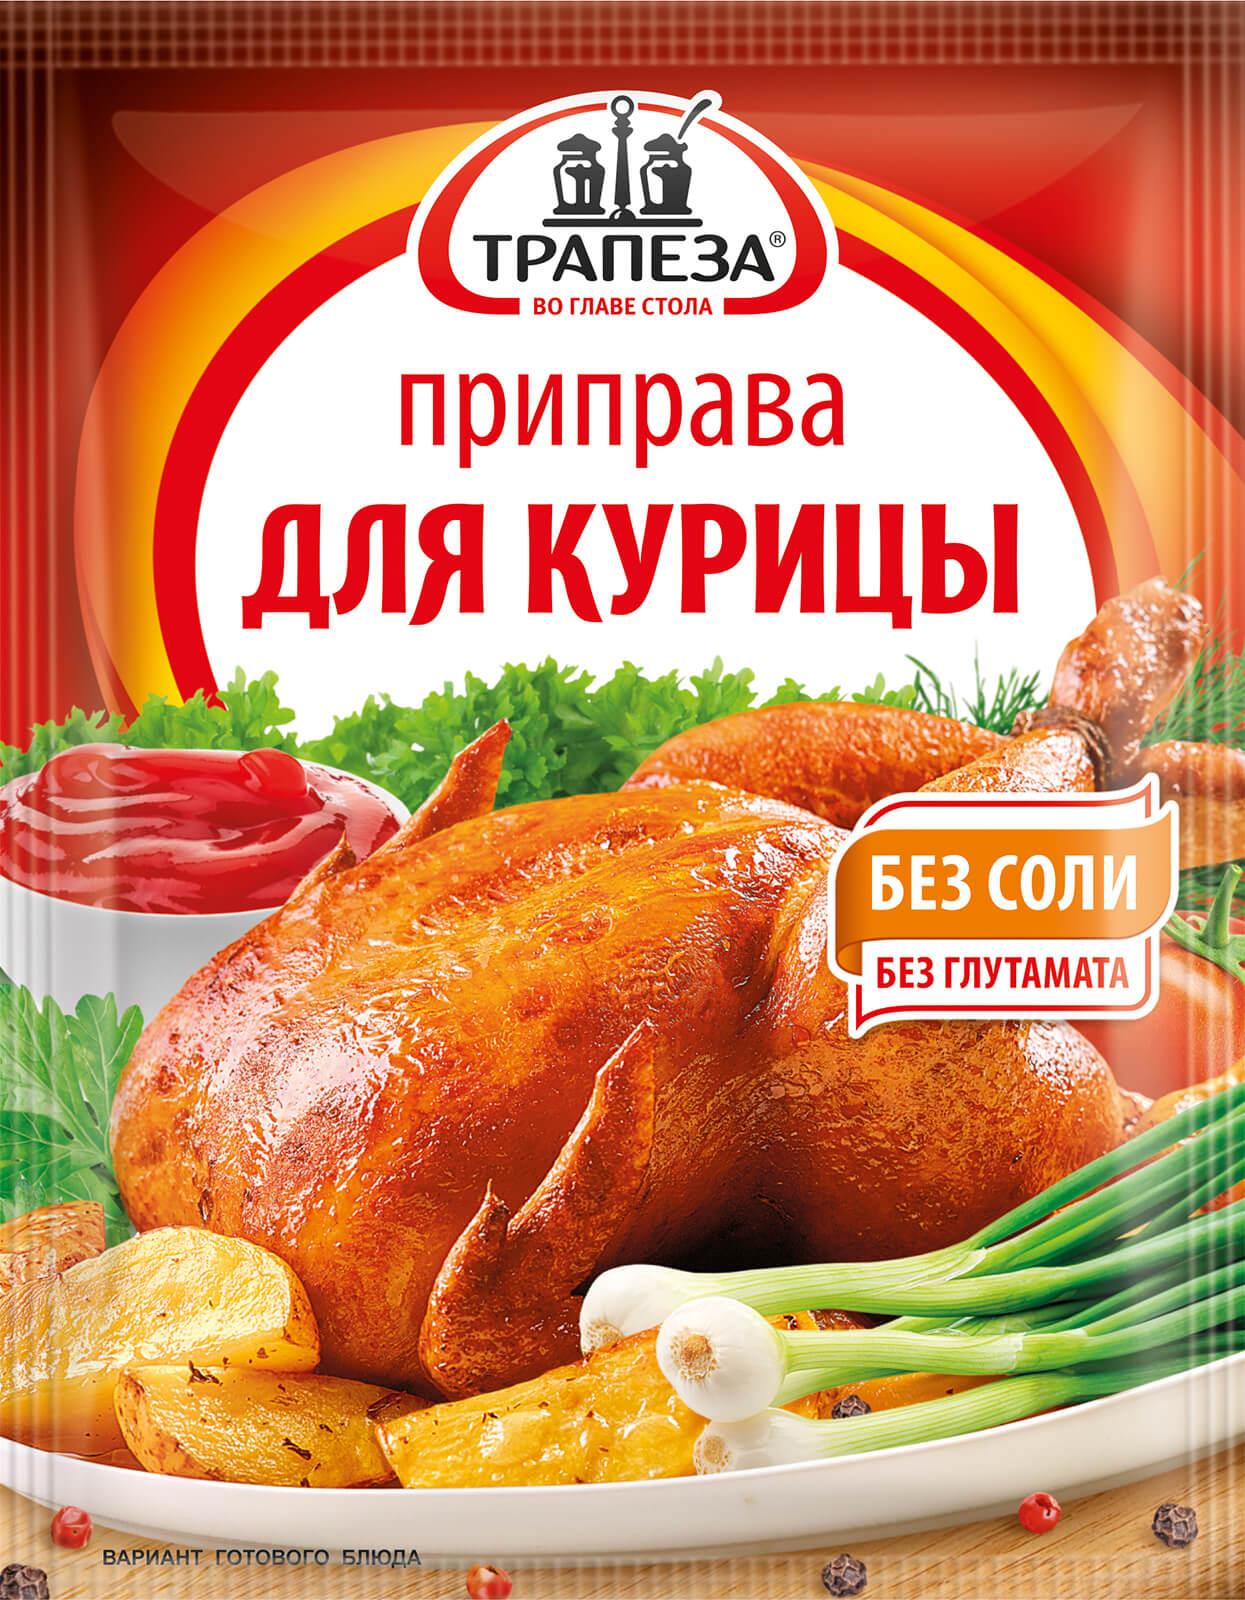 Приправа для курицы Трапеза 15г.